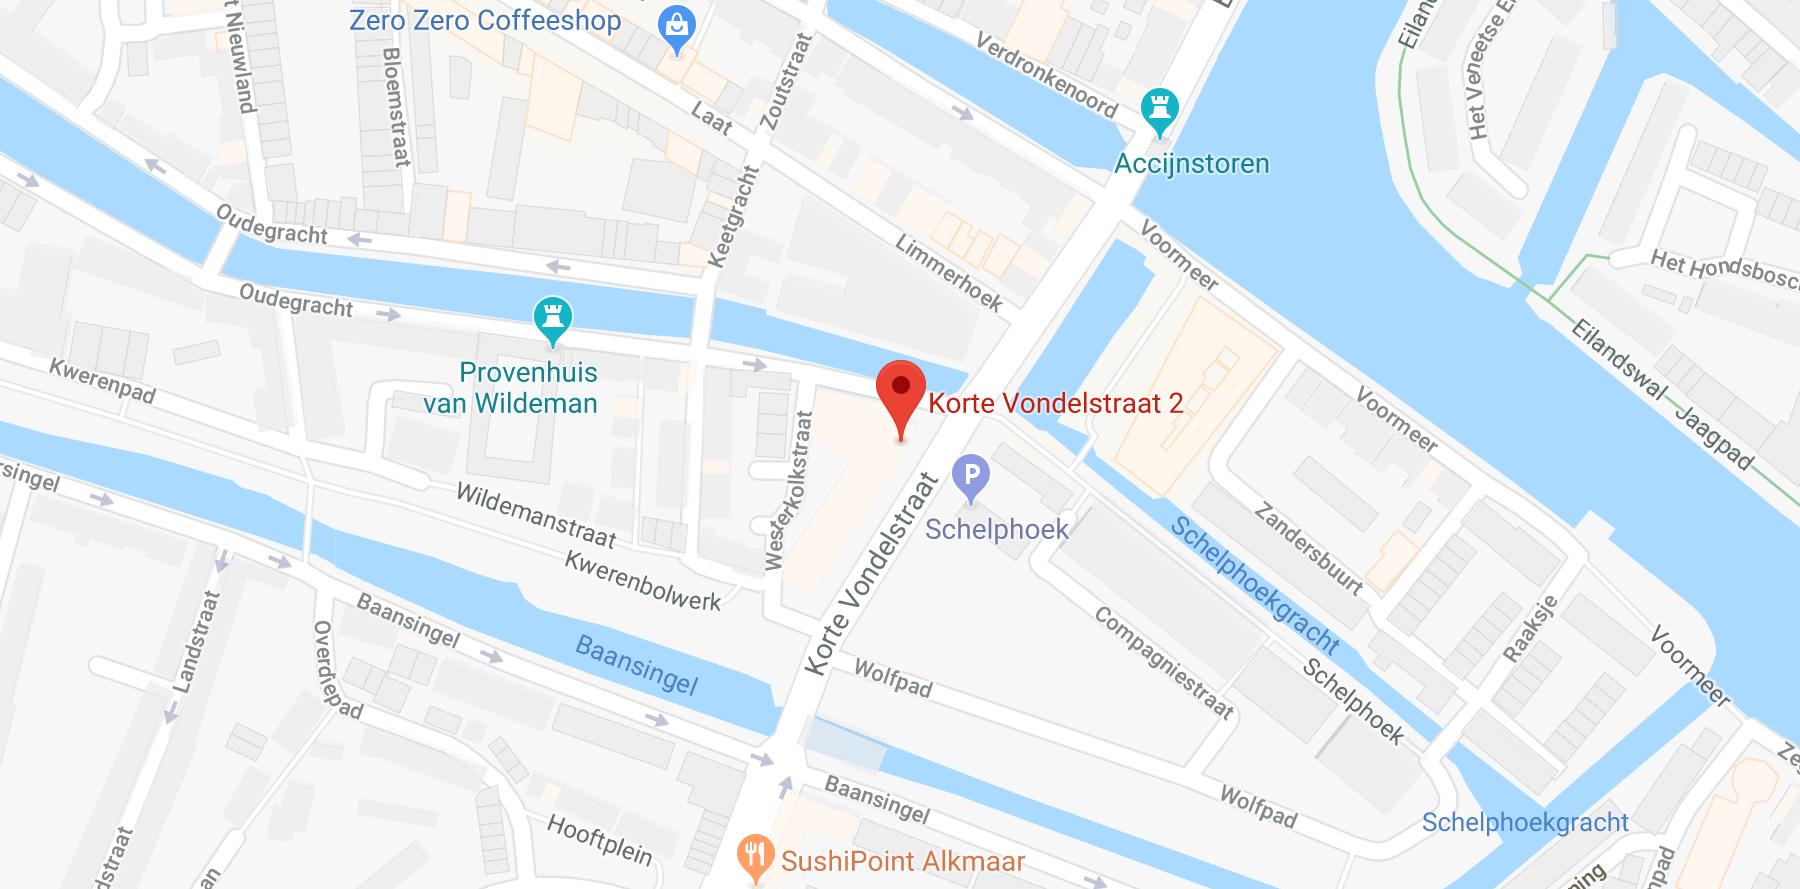 Korte Vondelstraat Alkmaar locatie